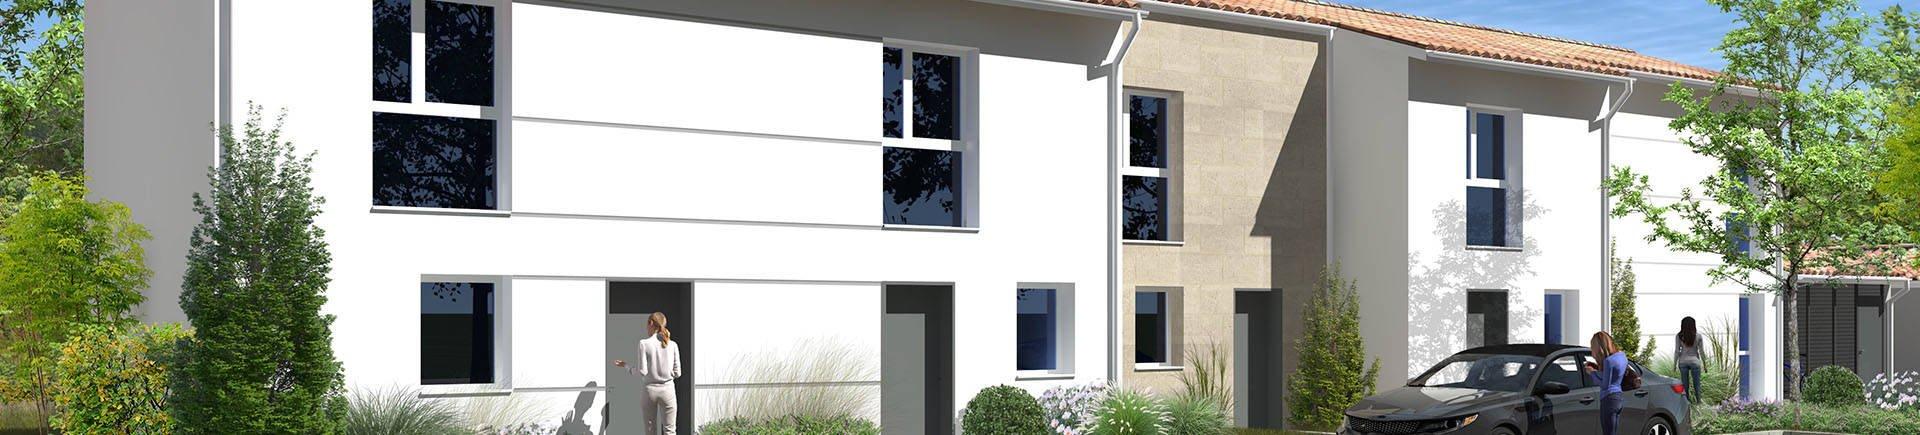 Appartements, maisons neufs Villenave-d'ornon - Villenave D'ornon Coeur Quartier Bocage